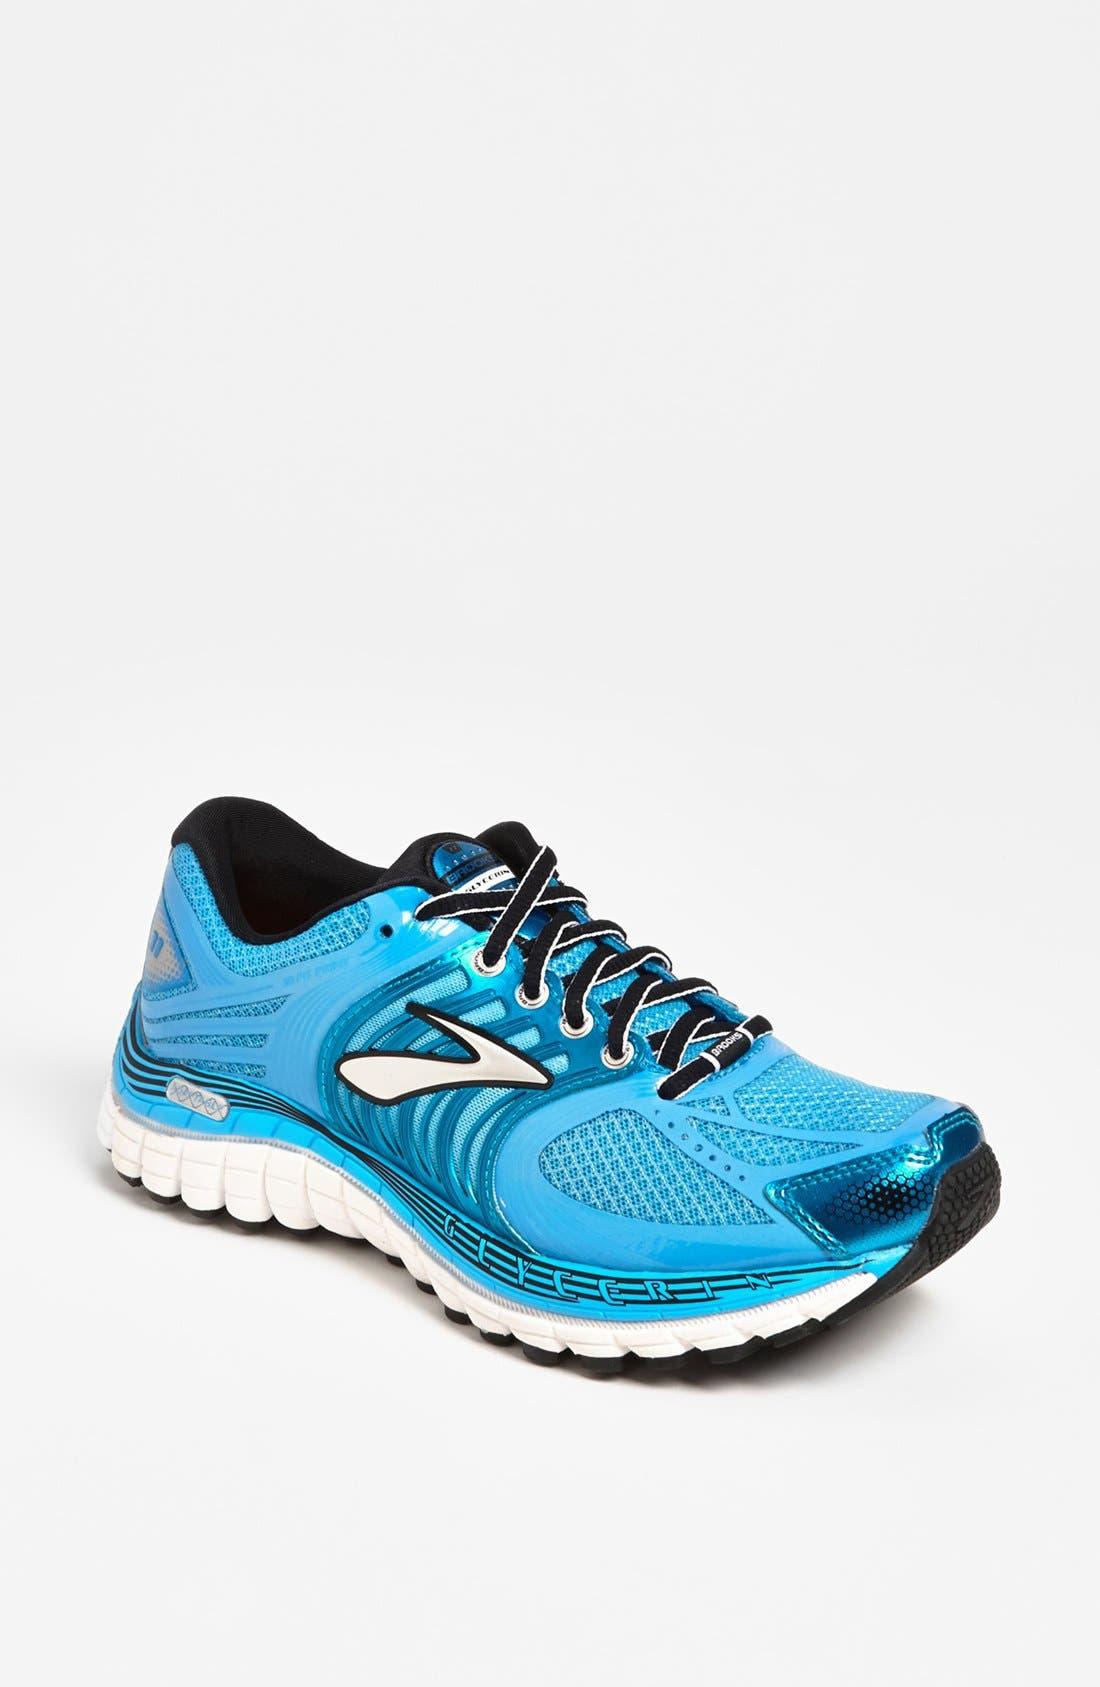 Main Image - Brooks 'Glycerin 11' Running Shoe (Women) (Regular Retail Price: $149.95)